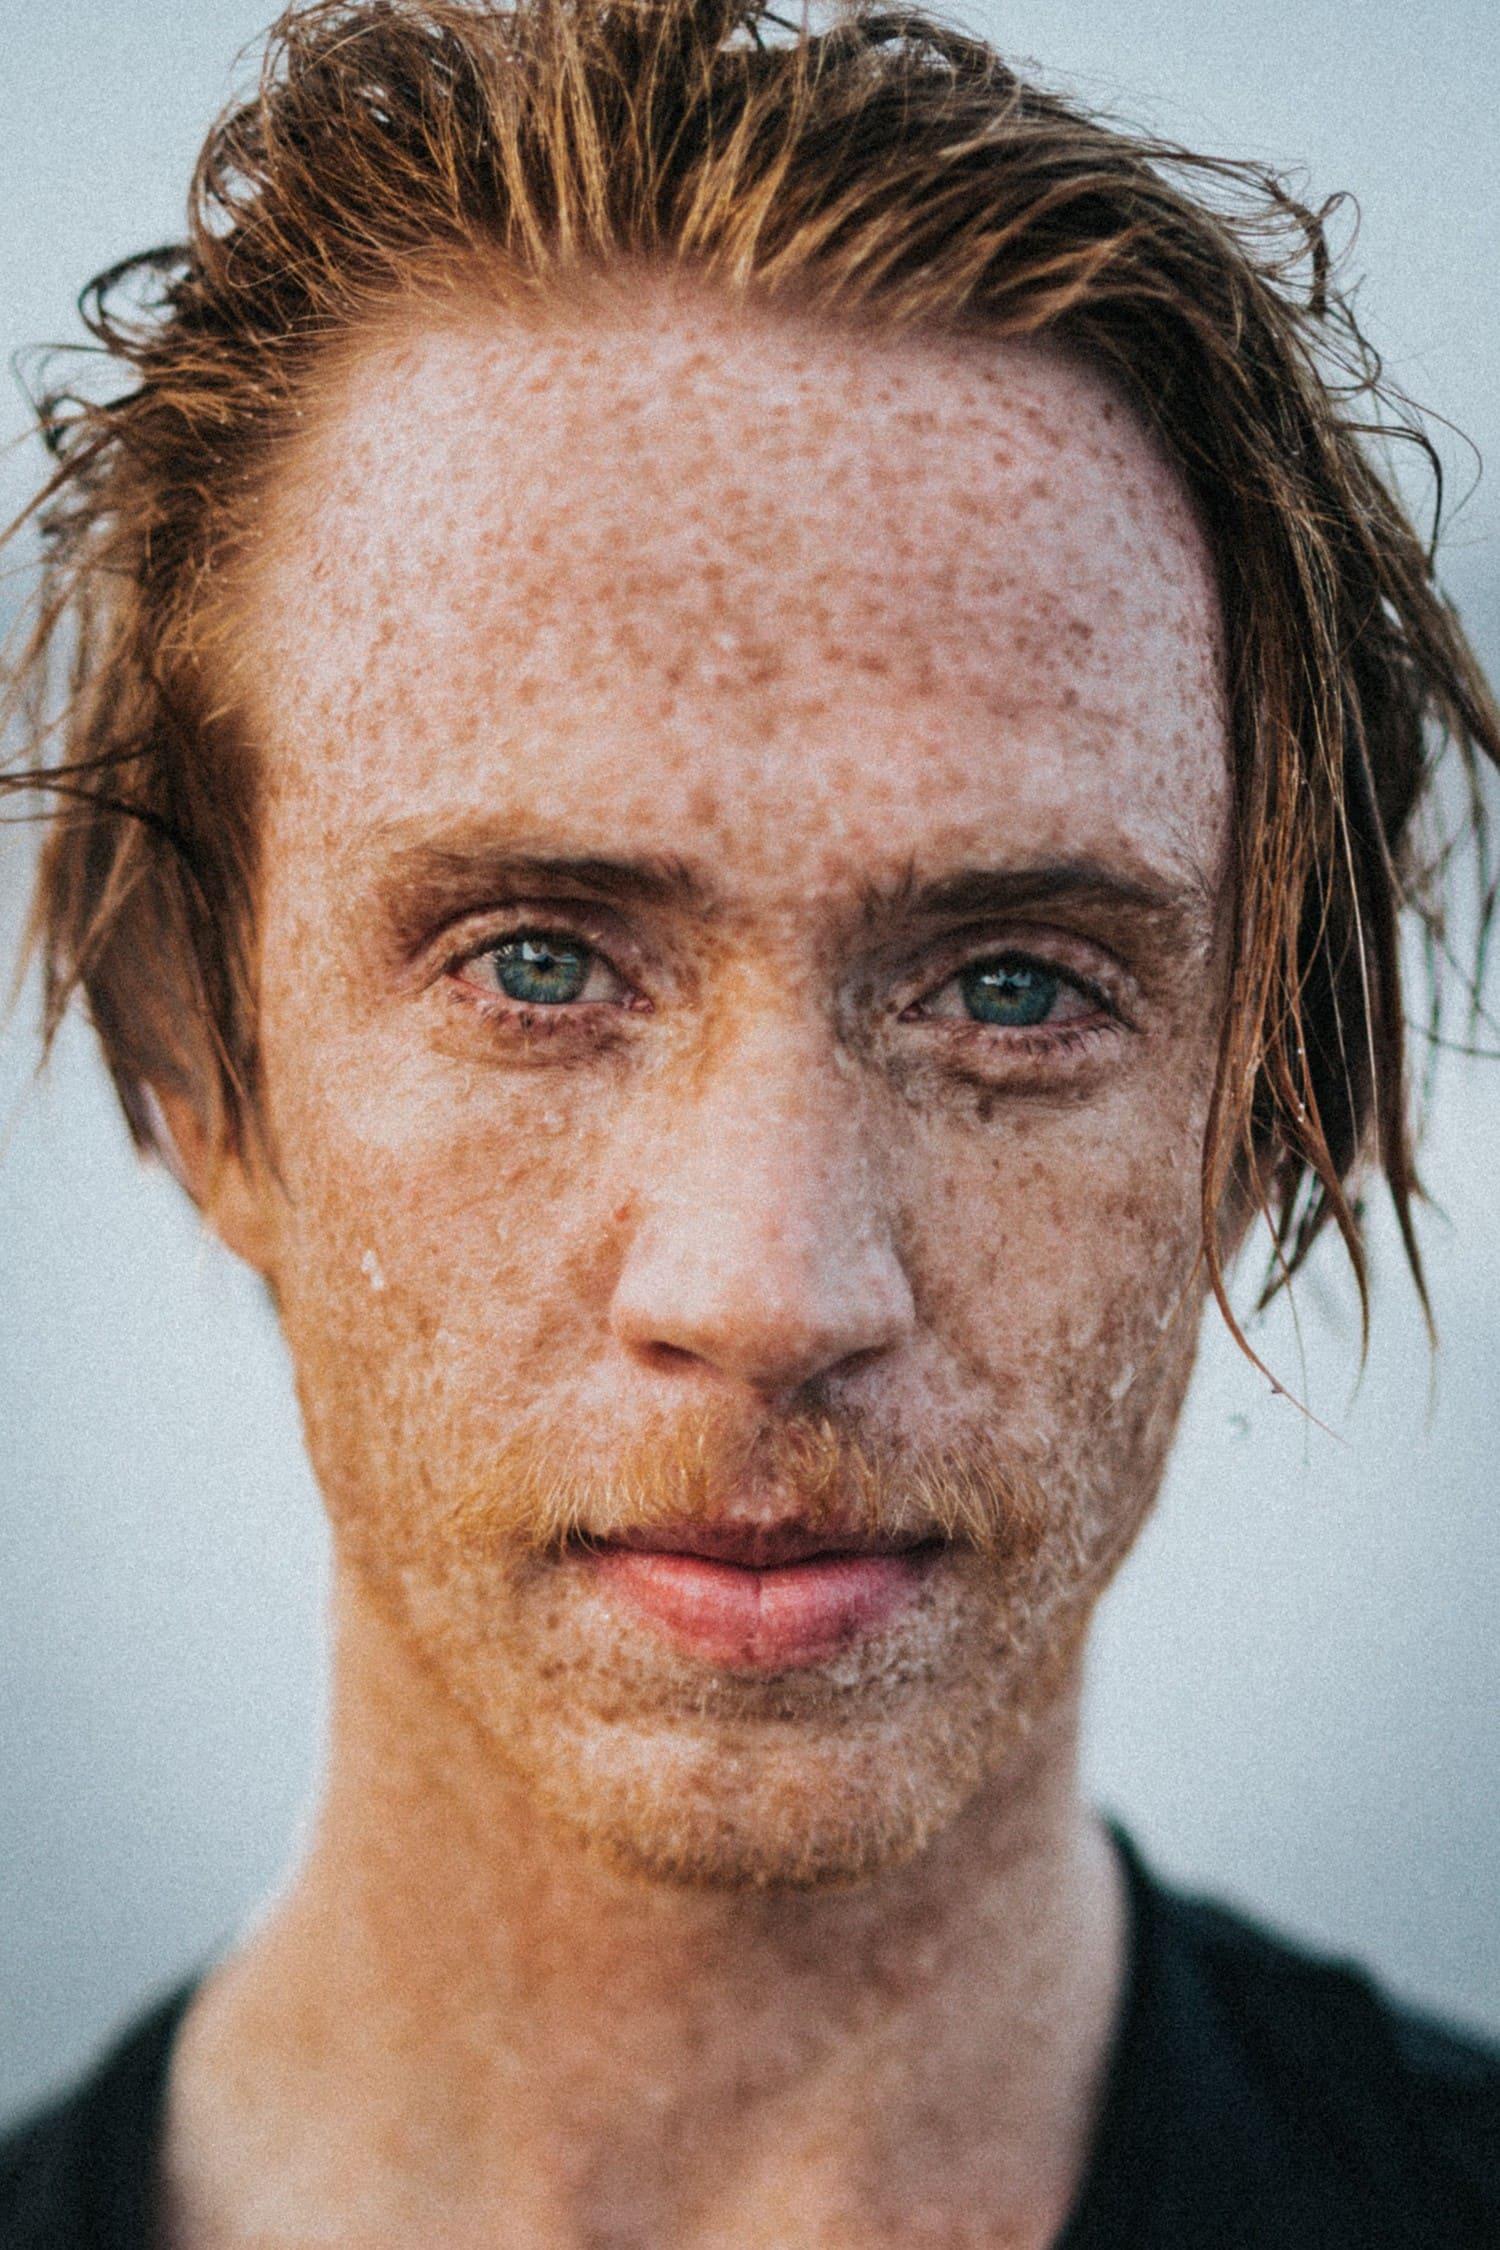 Retrato de chico con ojos claros y pelirrojo realizado con apertura amplia